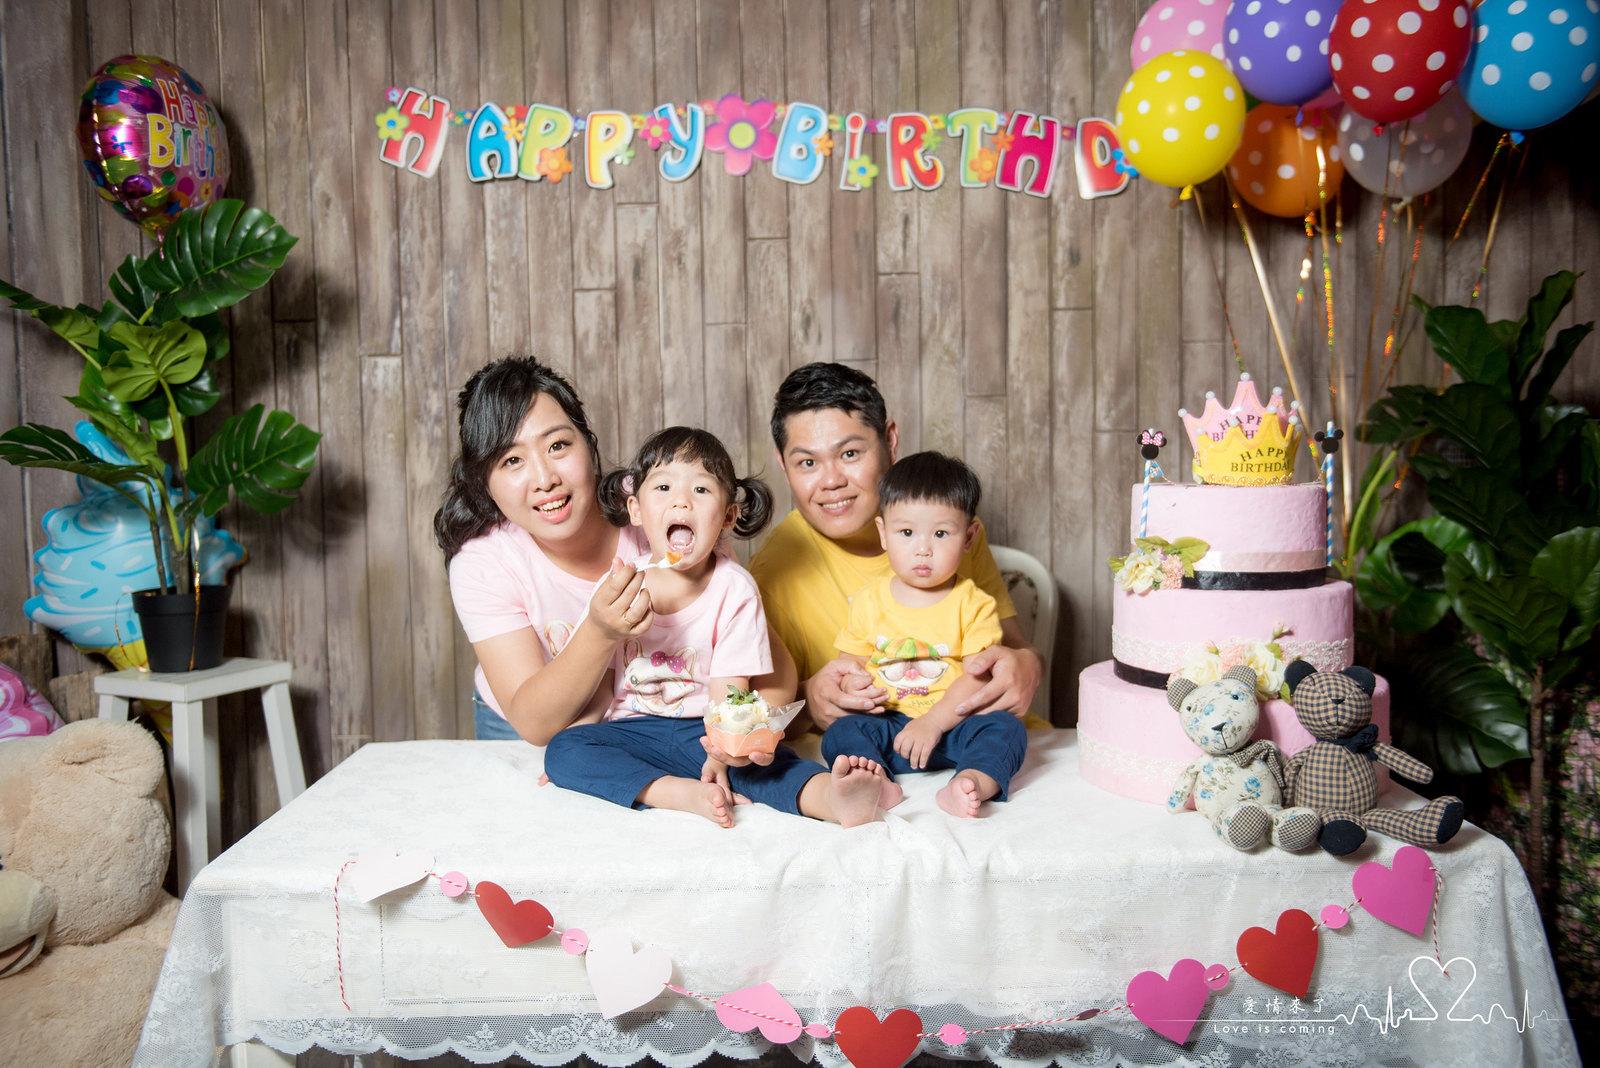 全家福,親子,幸福,快樂,美滿,家庭,AMOR,愛情來了,台中全家福